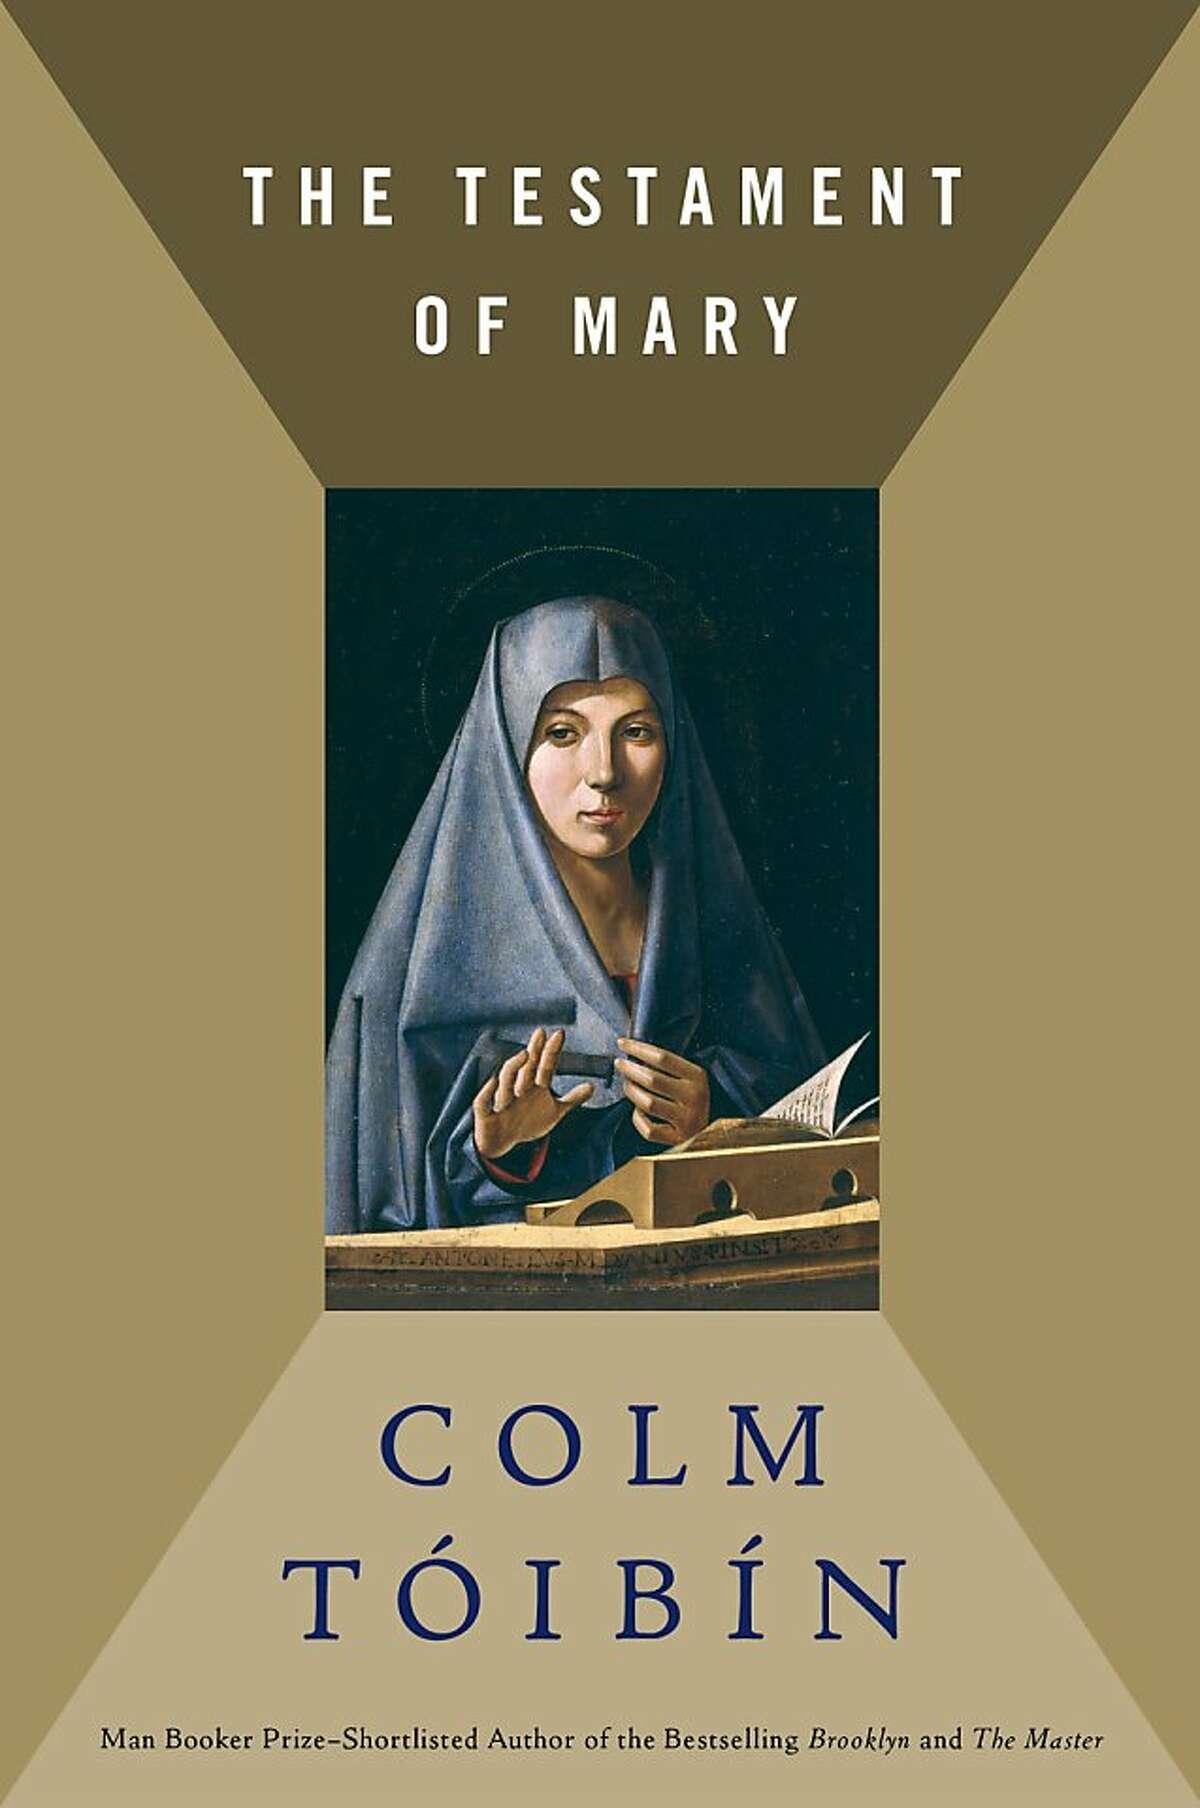 The Testament of Mary, by Colm Tóibín